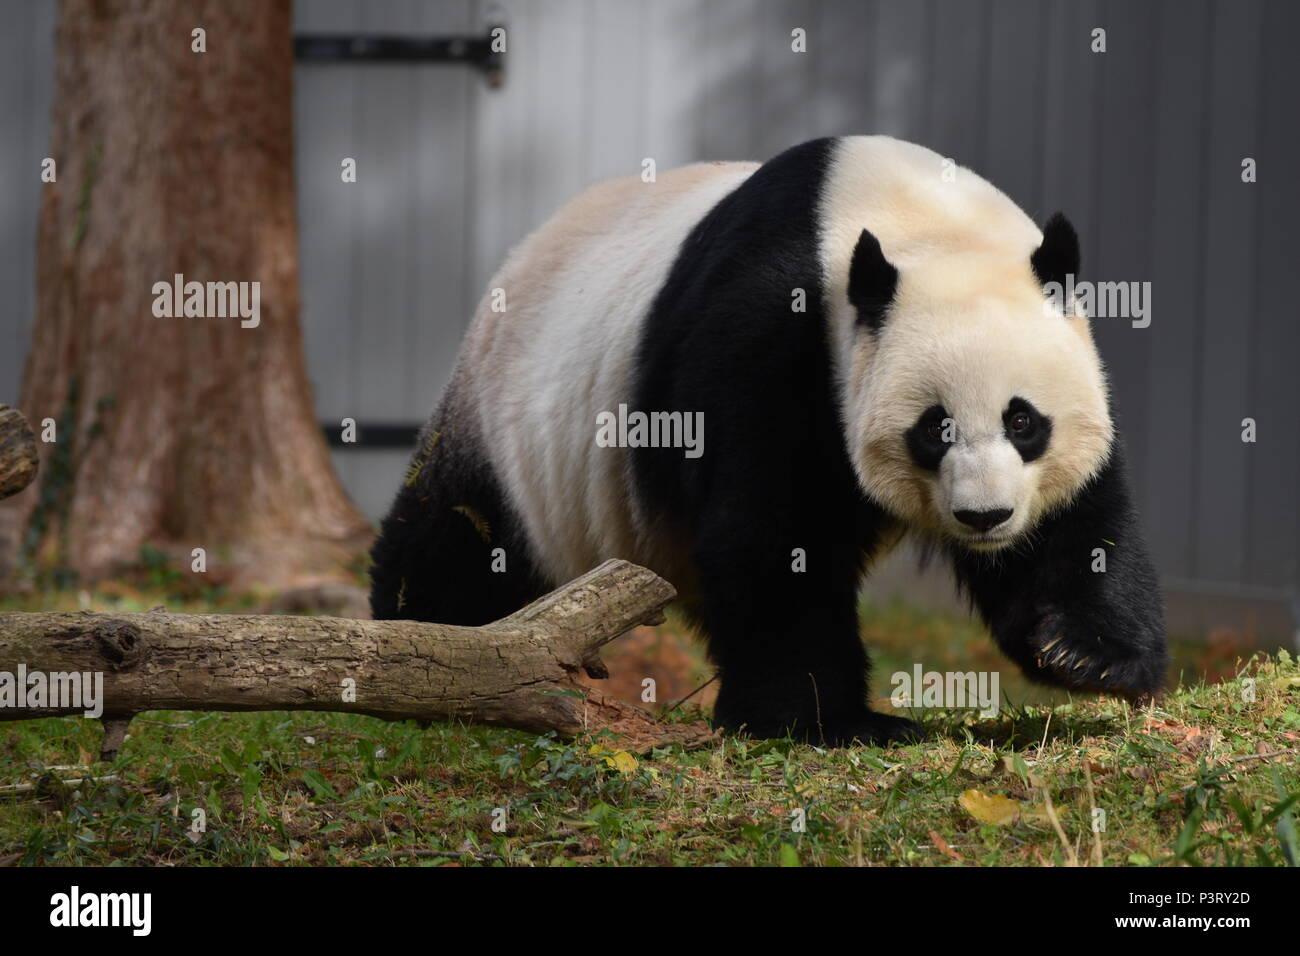 Panda enjoying the Autumn Sunshine - Stock Image